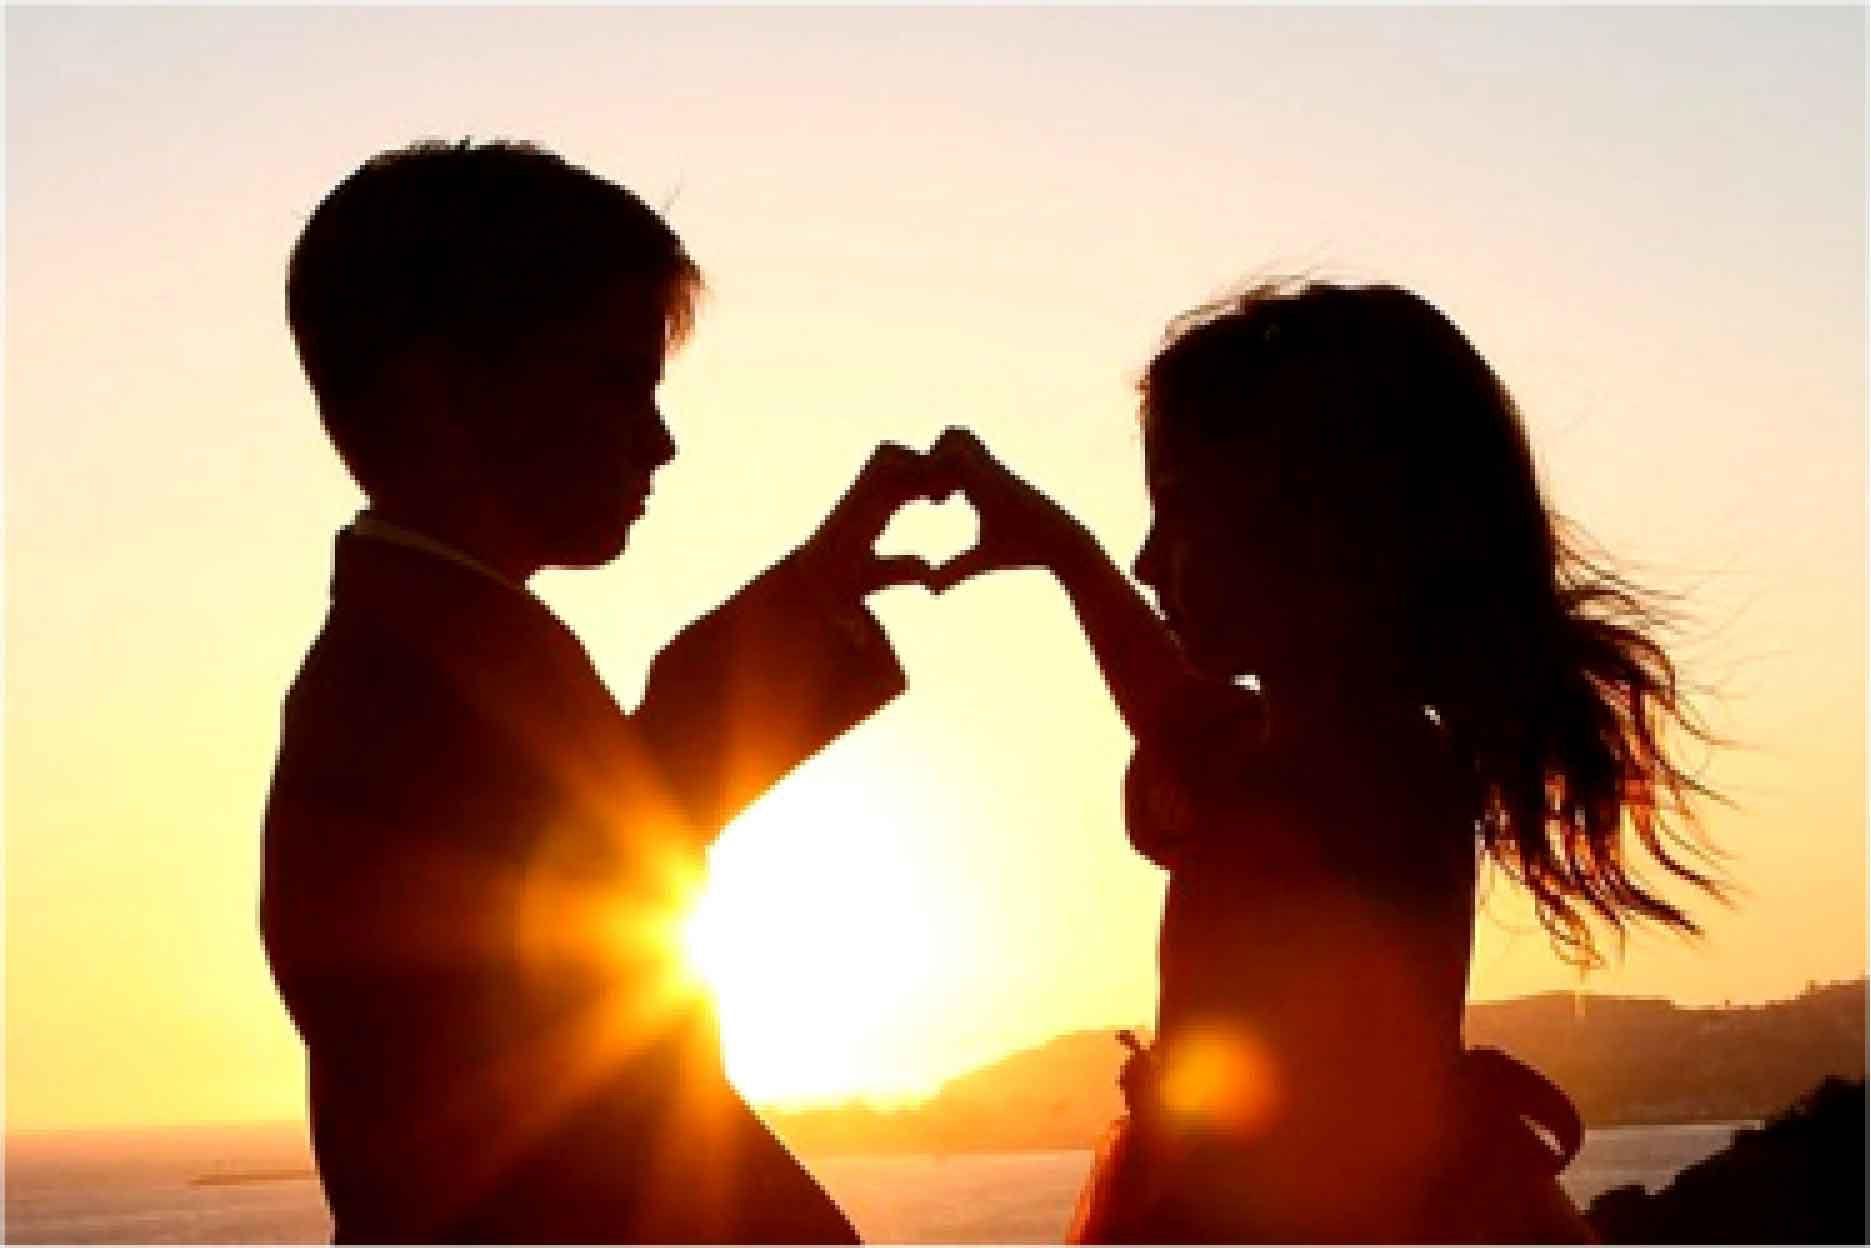 بالصور تحميل صور حب , اجمل صور حب للعشاق 2571 2